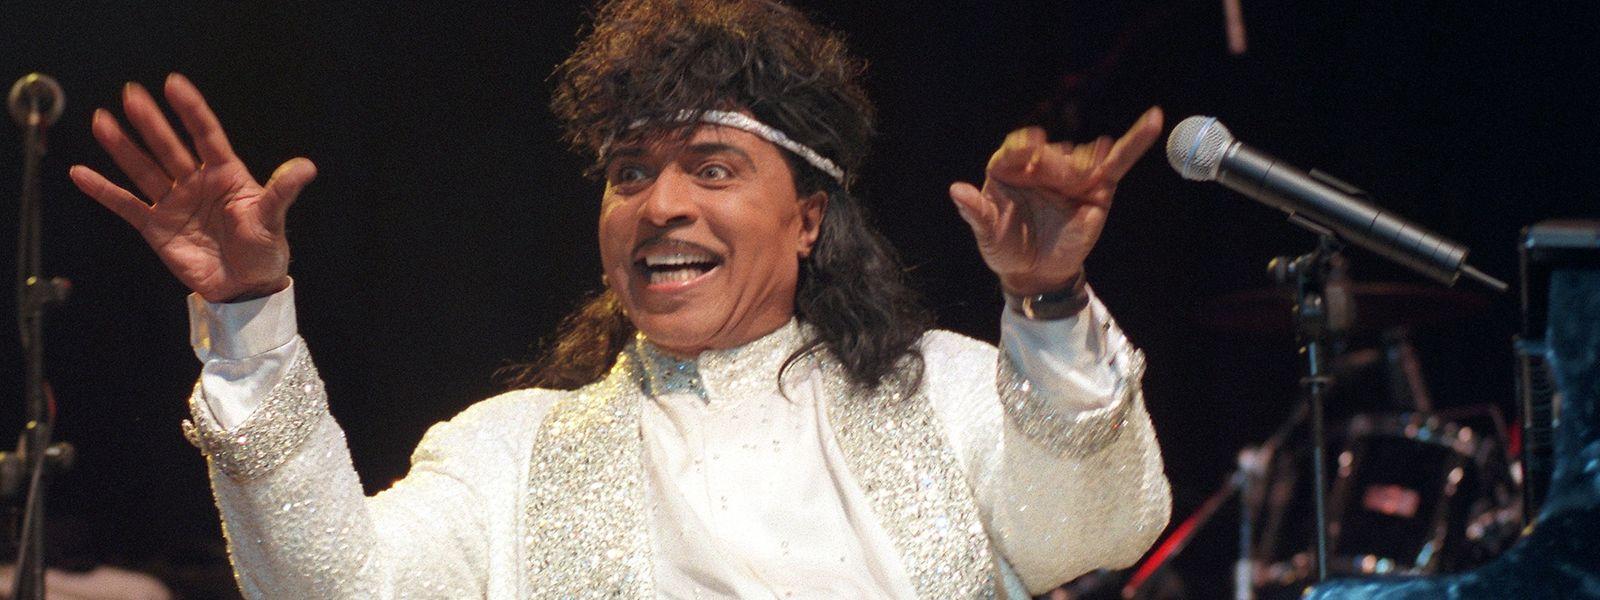 Little Richard, der «King of Rock'n'Roll», 1997 bei einem Konzert in Essen. Der amerikanische Musiker («Tutti Frutti») starb am Samstag im Alter von 87 Jahren.